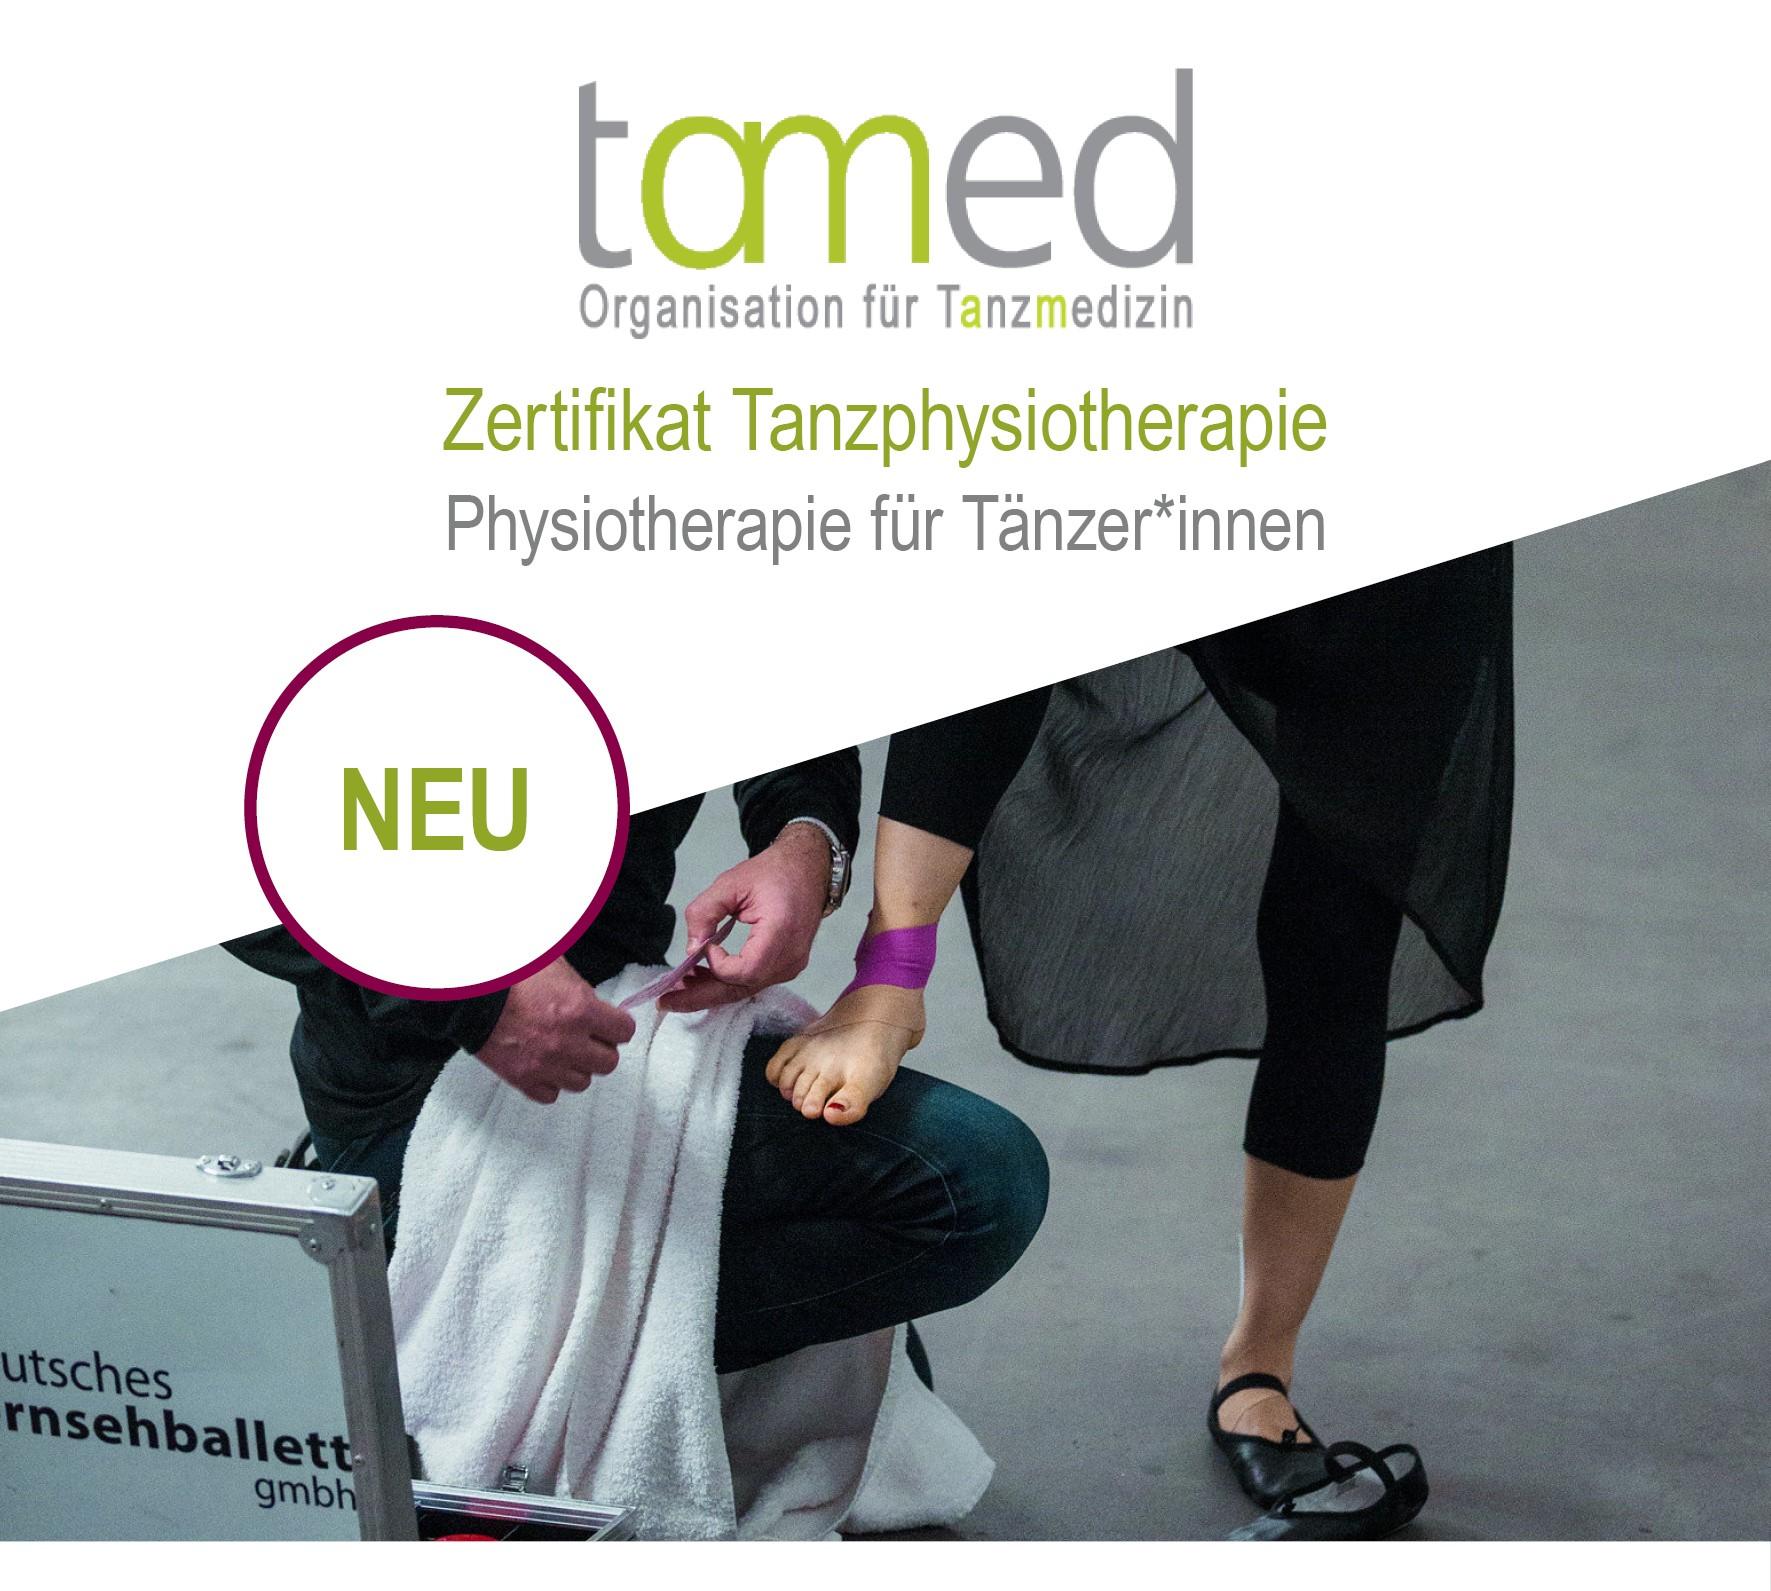 Zertifikat Tanzphysiotherapie ab Januar 2020